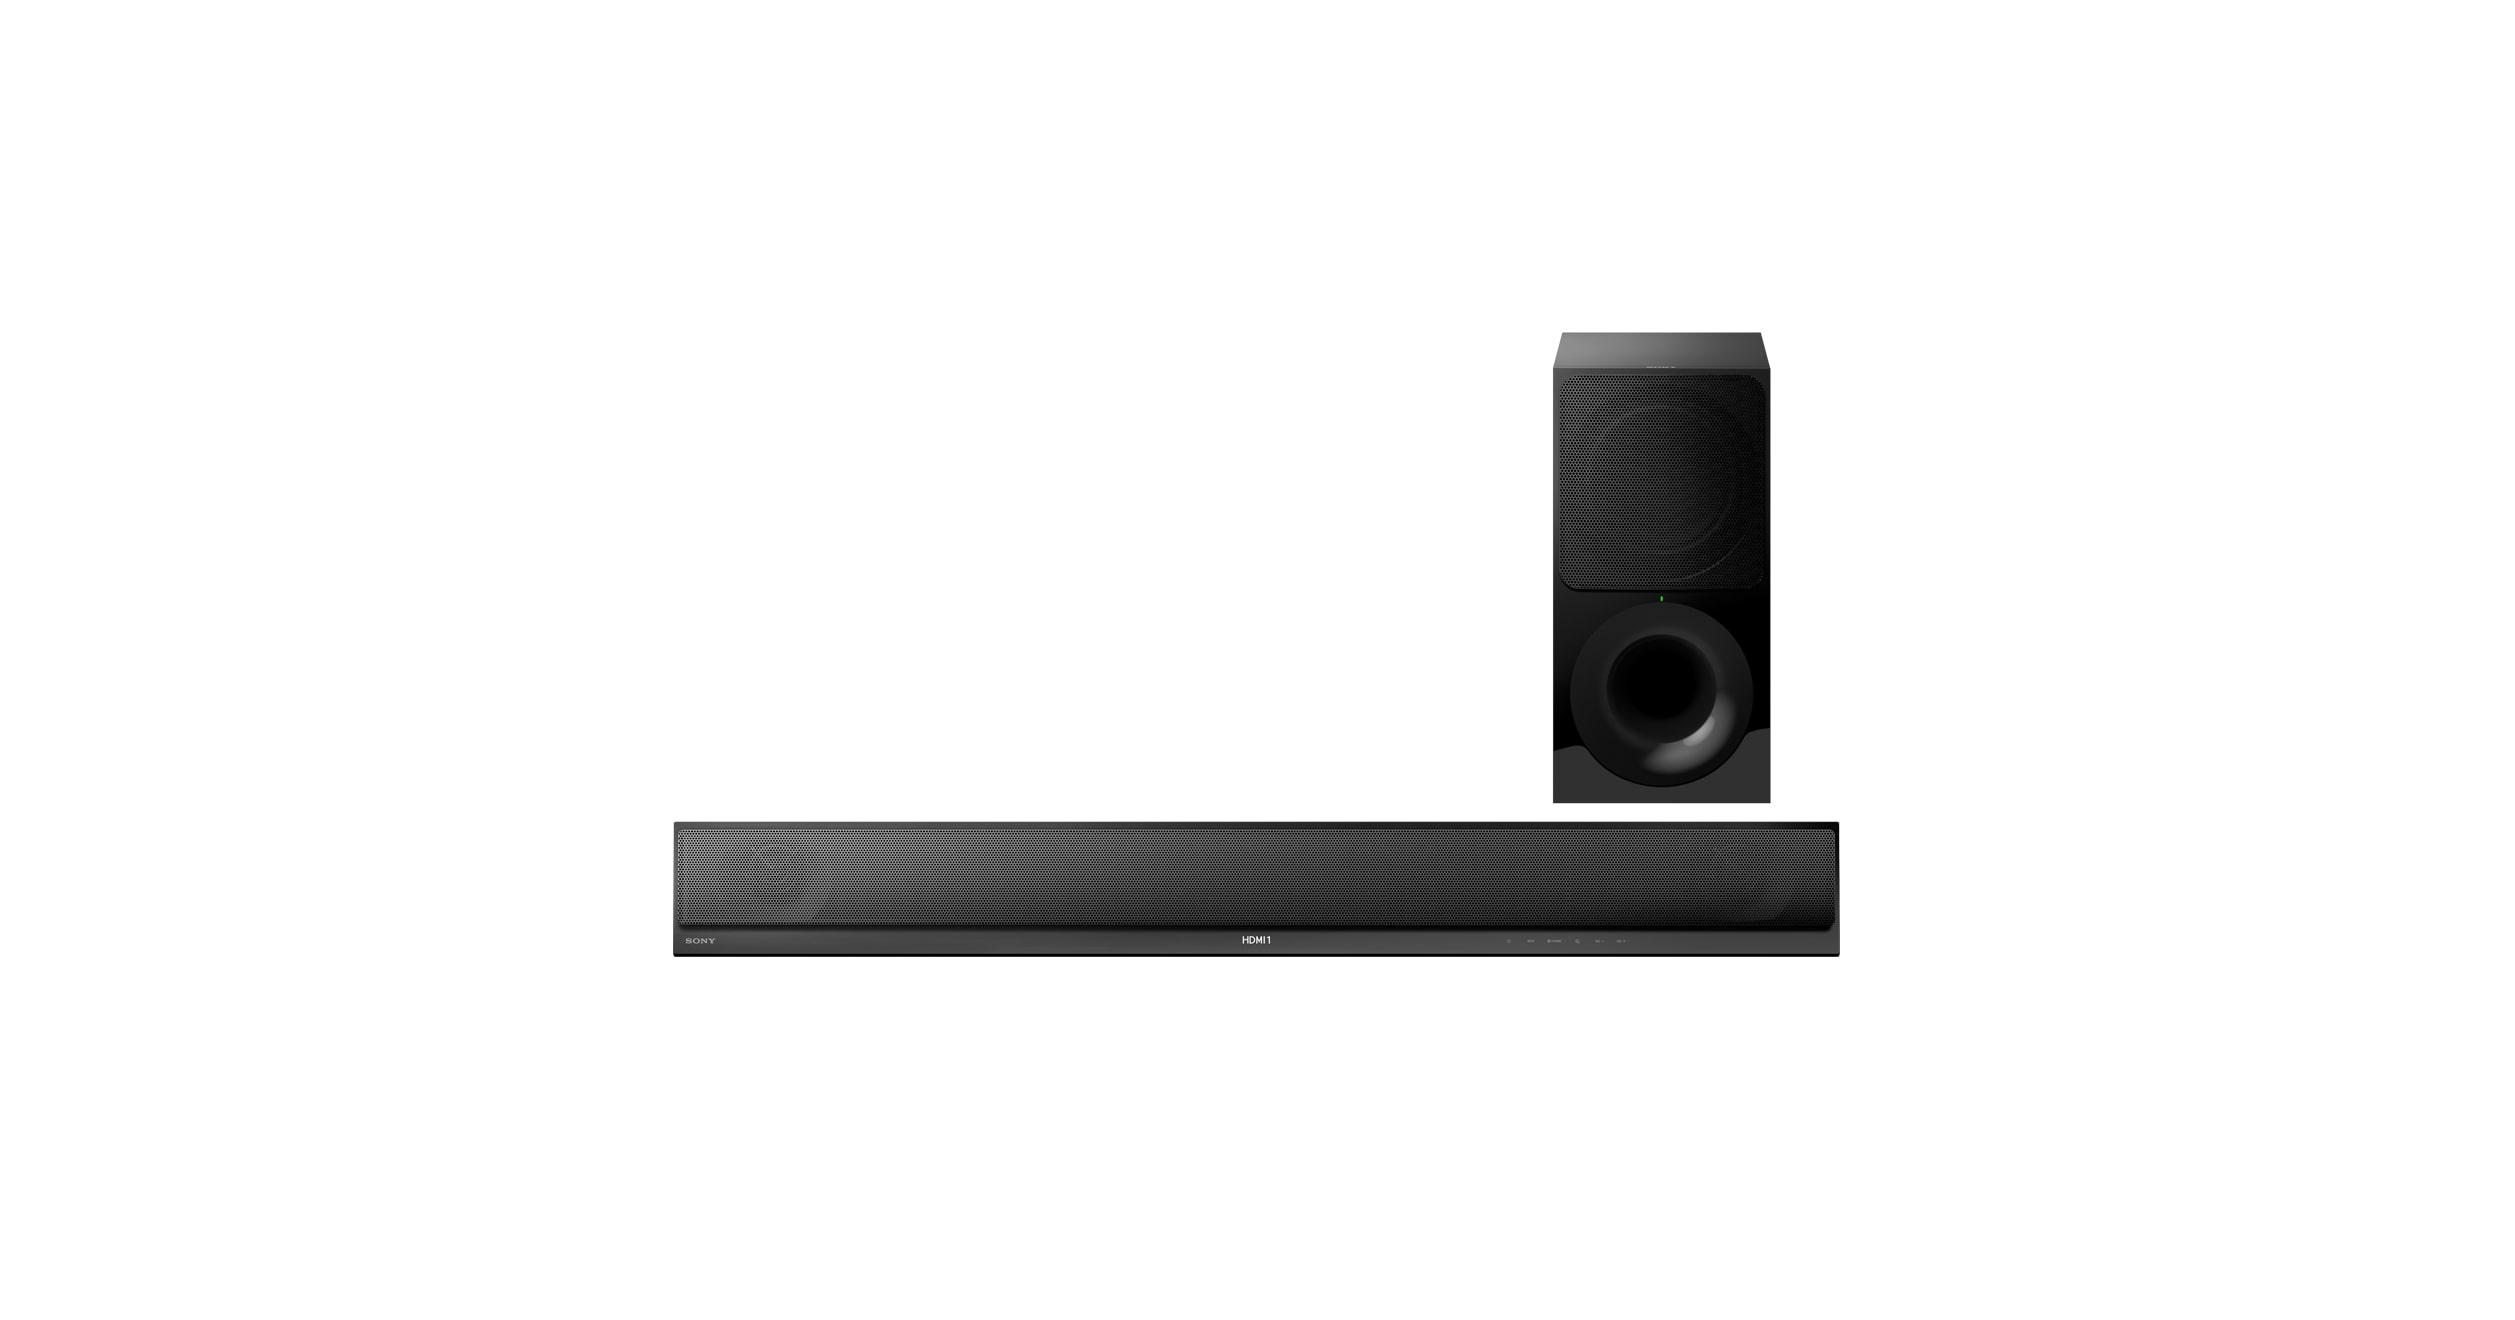 Barra de sonido HT-CT800 de 2.1 canales con tecnología Wi-Fi®/Bluetooth®